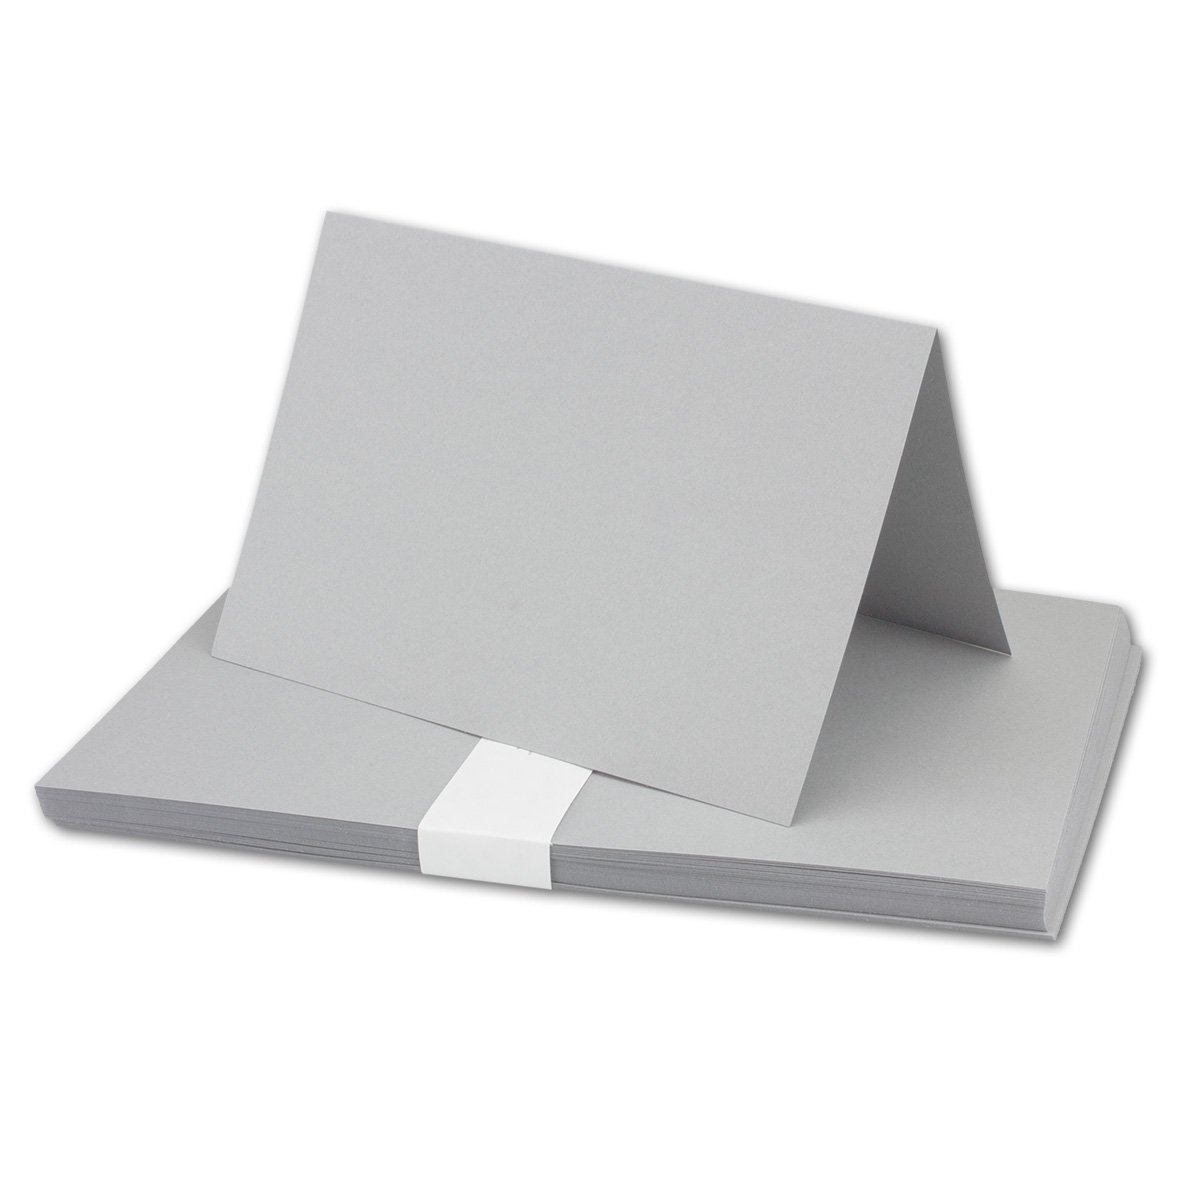 250x Falt-Karten DIN A6 Blanko Doppel-Karten in Hochweiß Kristallweiß -10,5 x 14,8 cm   Premium Qualität   FarbenFroh® B079VGM9SZ | Üppiges Design